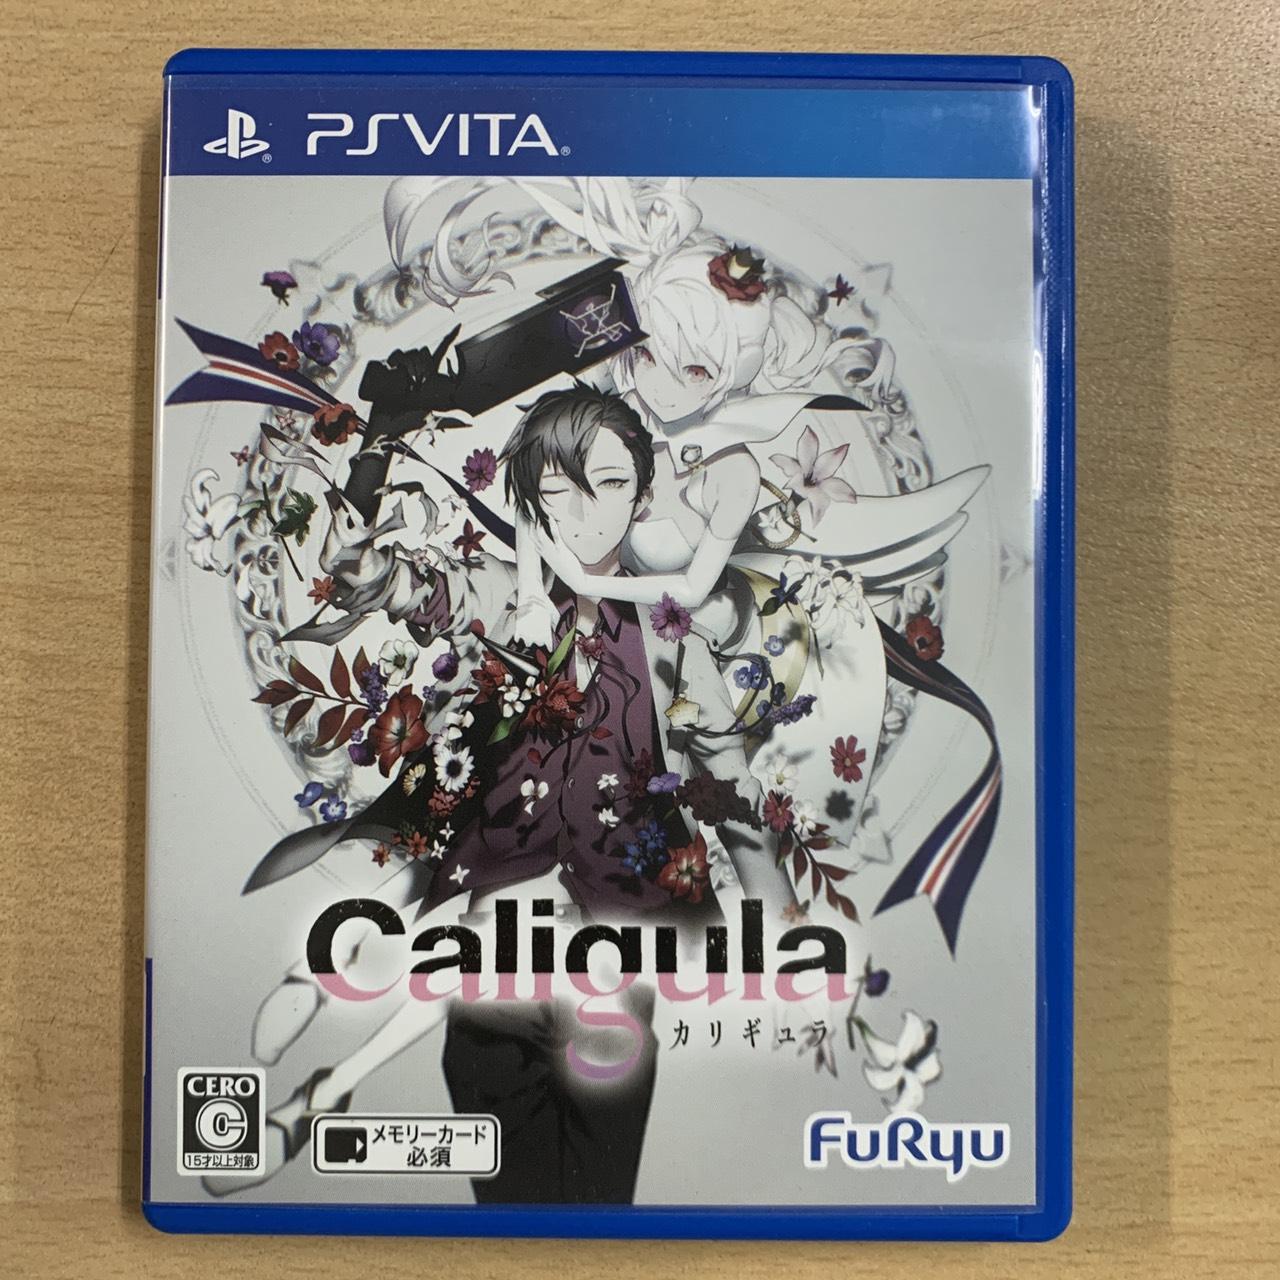 【飛力屋】現貨不必等 可刷卡 日文版 PSV 卡里古拉 Caligula PS VITA